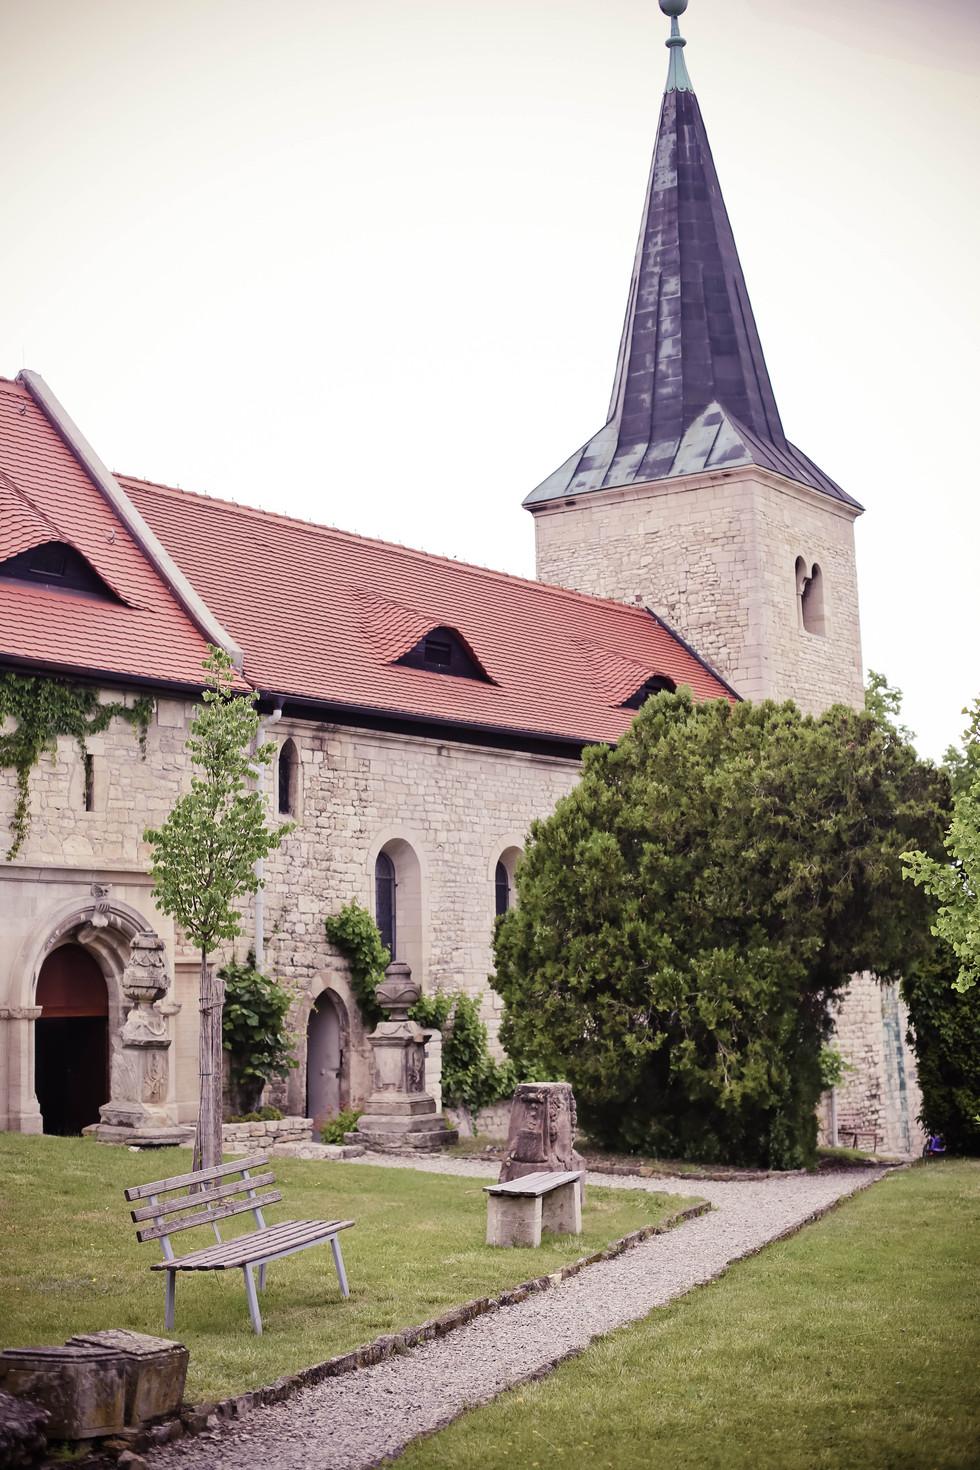 Klosterkirche Zscheiplitz